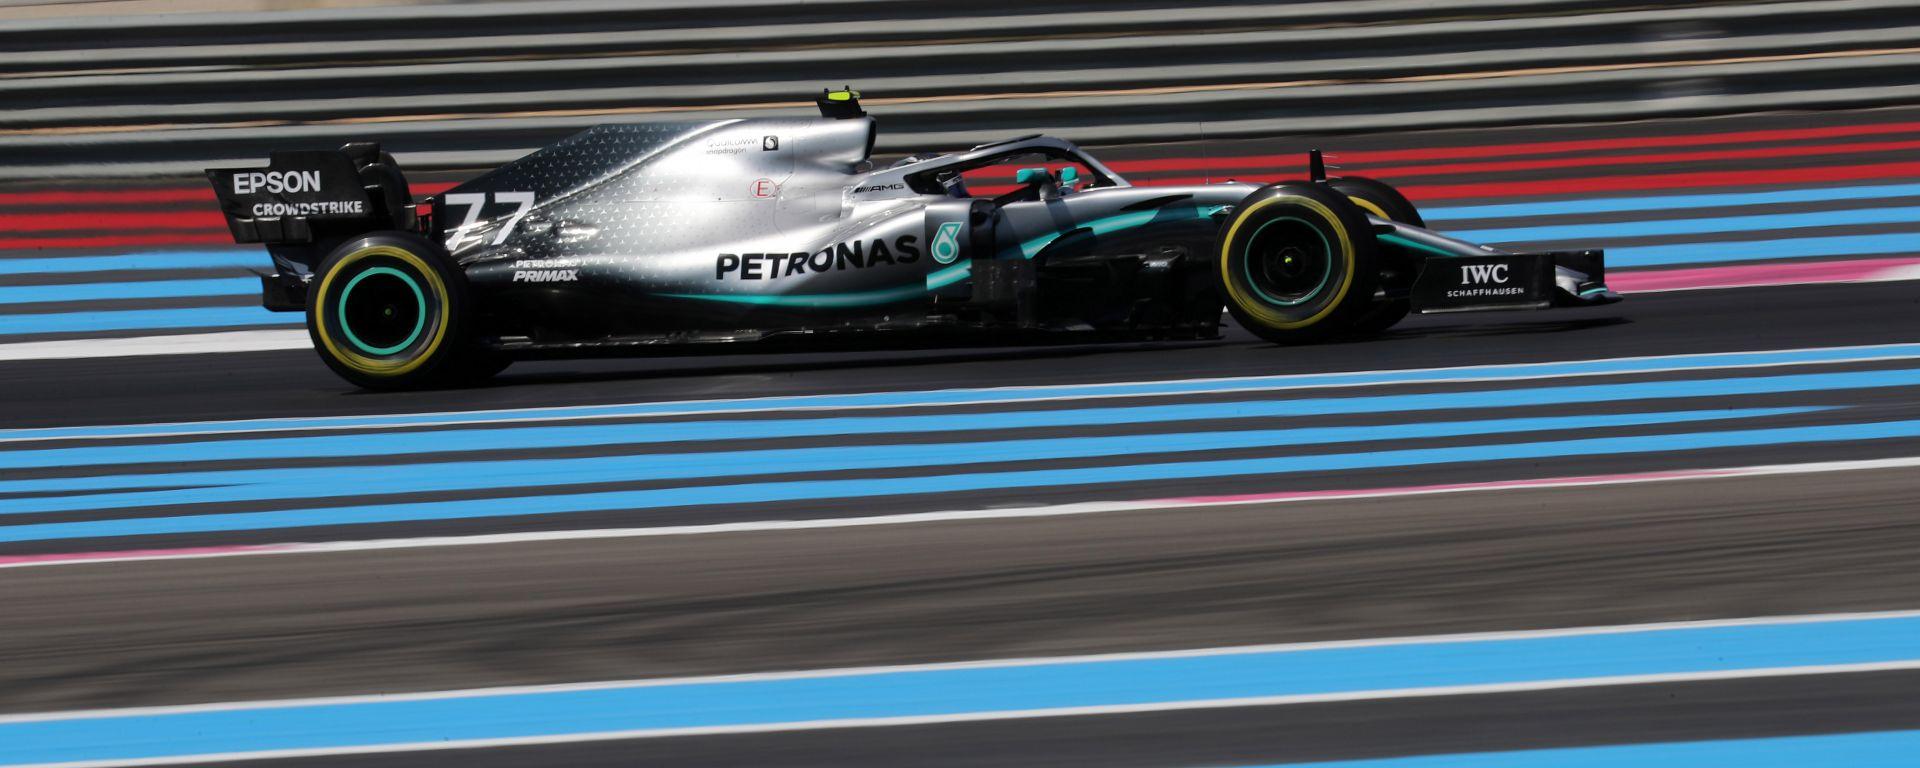 F1 GP Francia 2019 – PL3: Bottas sfiora il record di Lewis, le Ferrari a 4 decimi